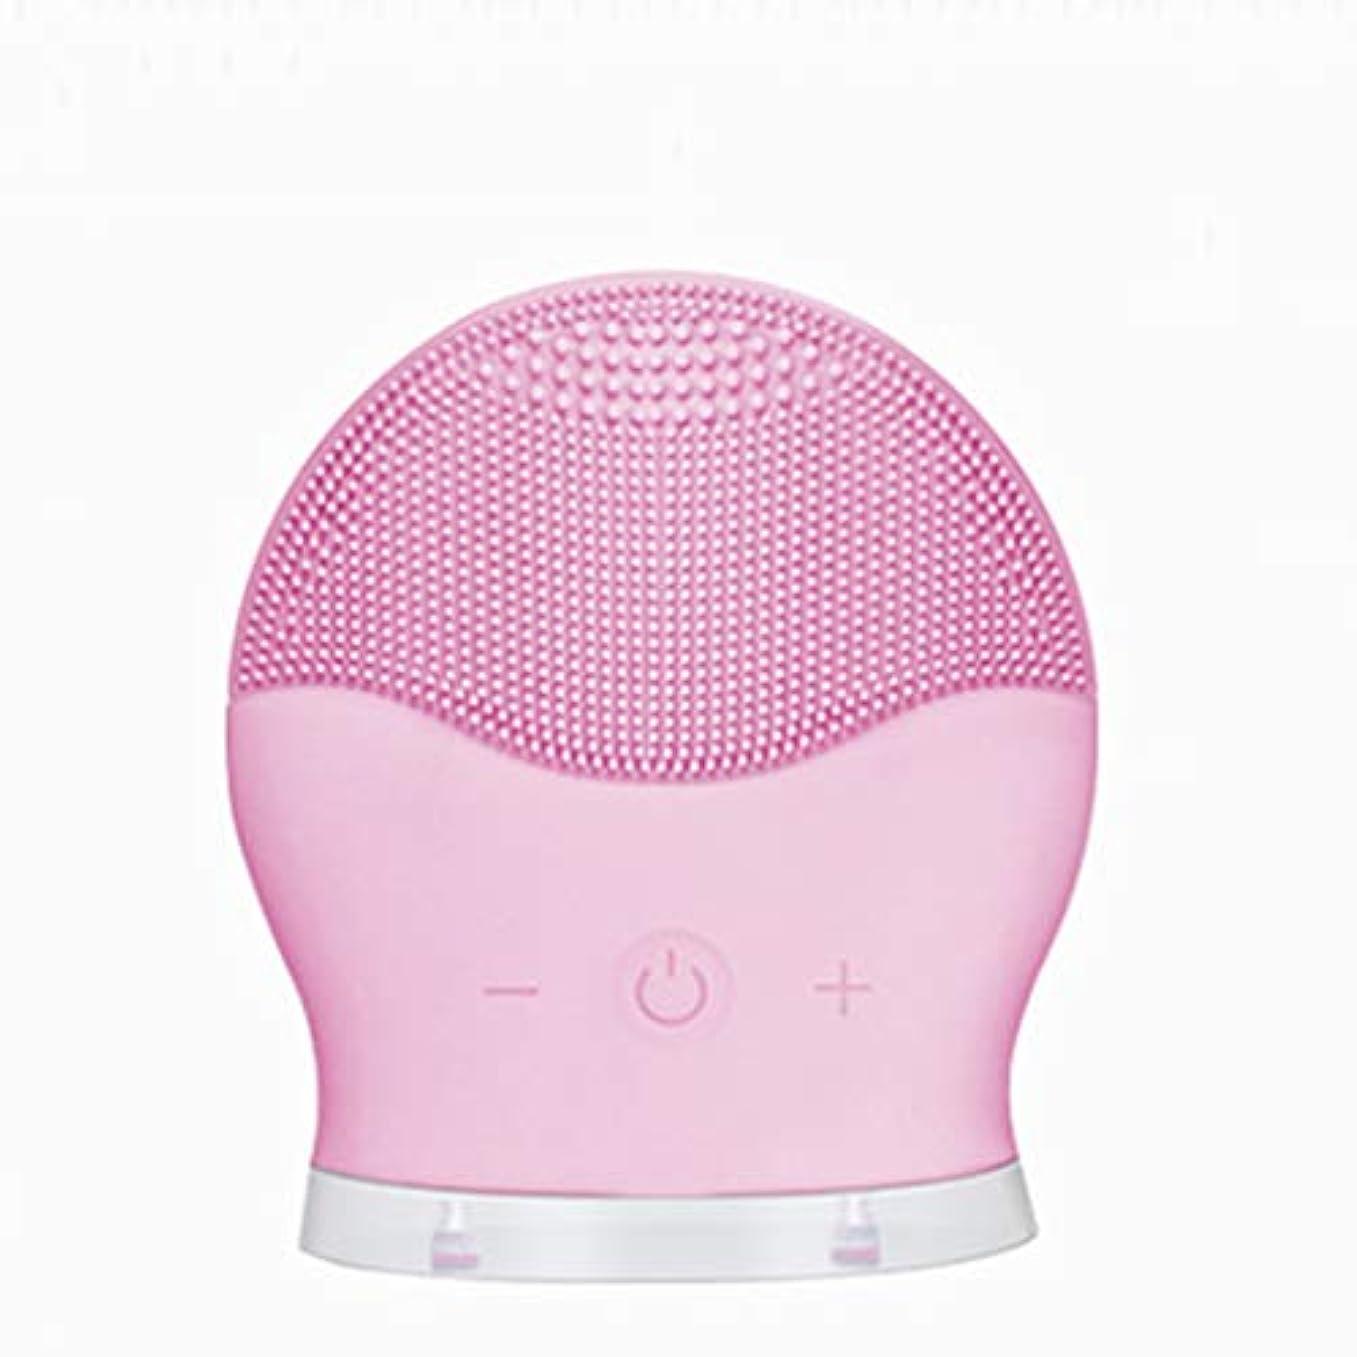 めったに設計図起きるポータブル超音波振動シリコーンクレンジング機器、アンチエイジング顔マッサージ、毛穴を減らすために、皮膚を改善する剥離,Pink